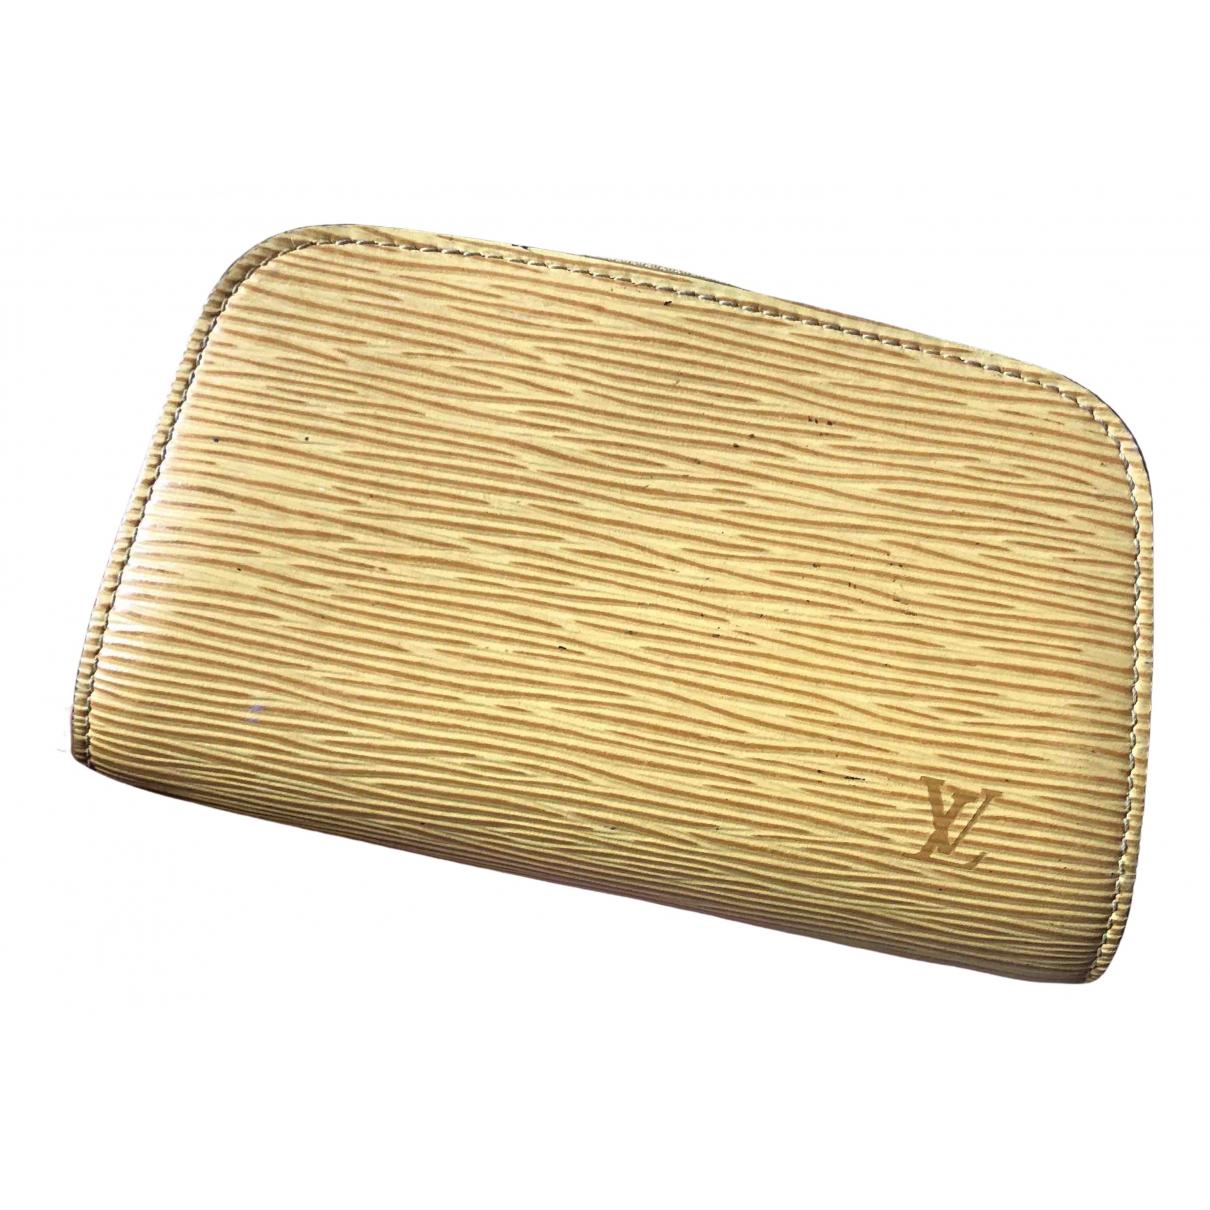 Louis Vuitton \N Kleinlederwaren in  Gelb Leder